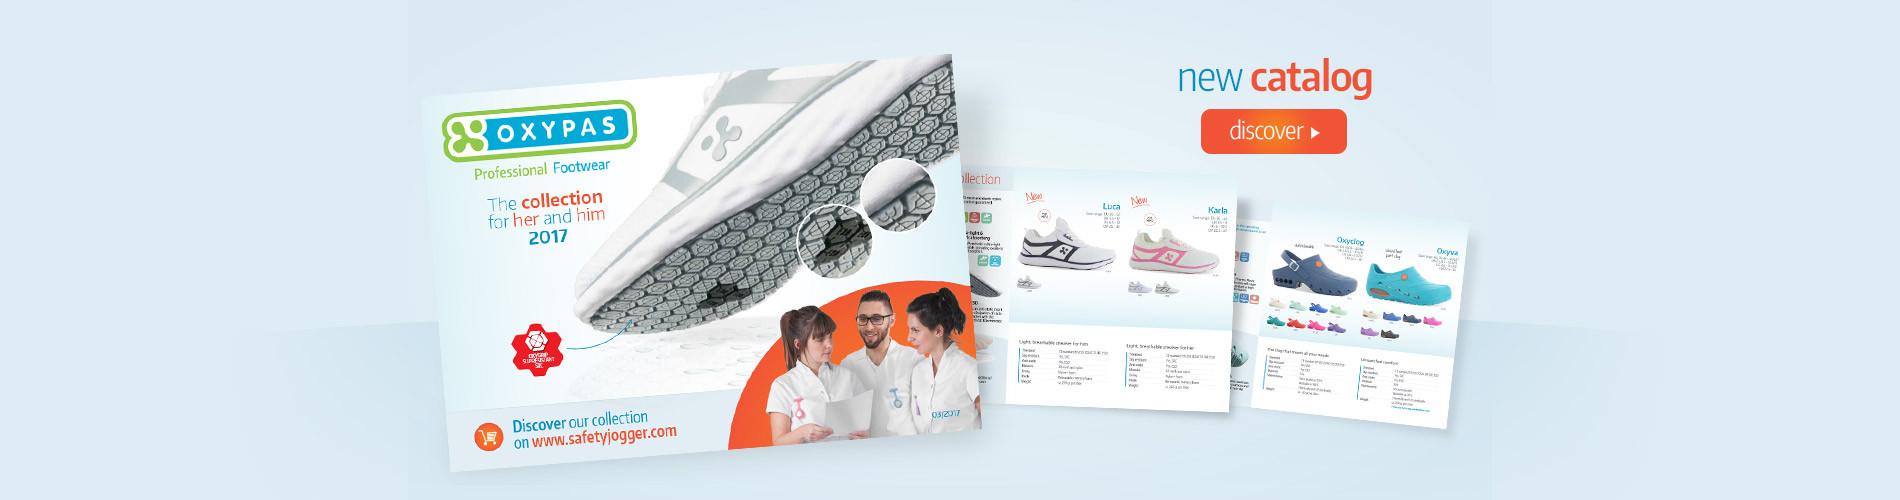 Prohlédnětě si katalog zdravotnické obuvi OXYPAS.